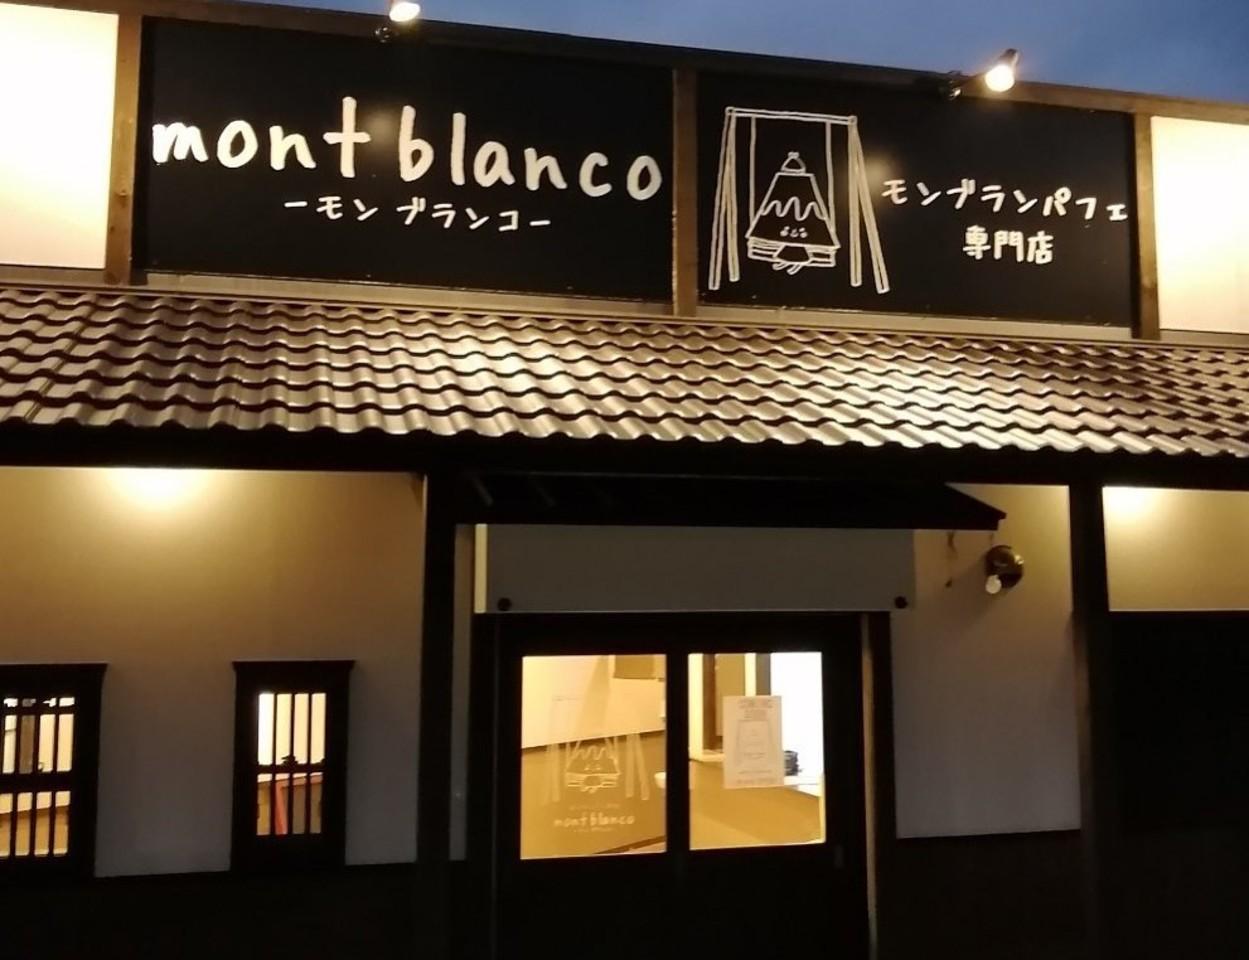 祝!11/14open『モンブランコ』モンブランパフェ専門店(奈良県香芝市)